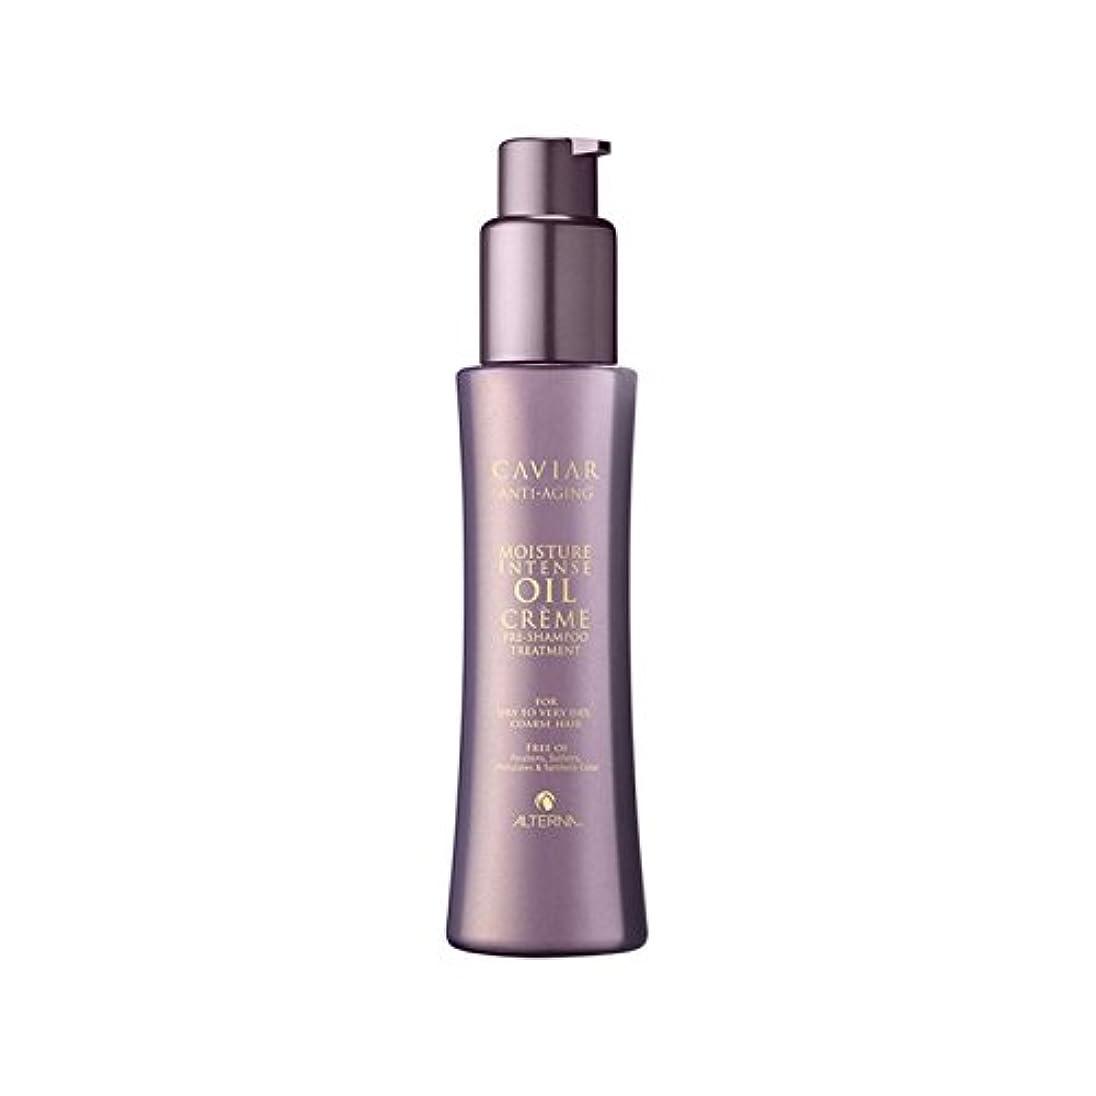 干渉したい気体のオルタナキャビア水分激しいオイルクリームシャンプー前処理(125ミリリットル) x4 - Alterna Caviar Moisture Intense Oil Cr?me Pre-Shampoo Treatment (125ml) (Pack of 4) [並行輸入品]